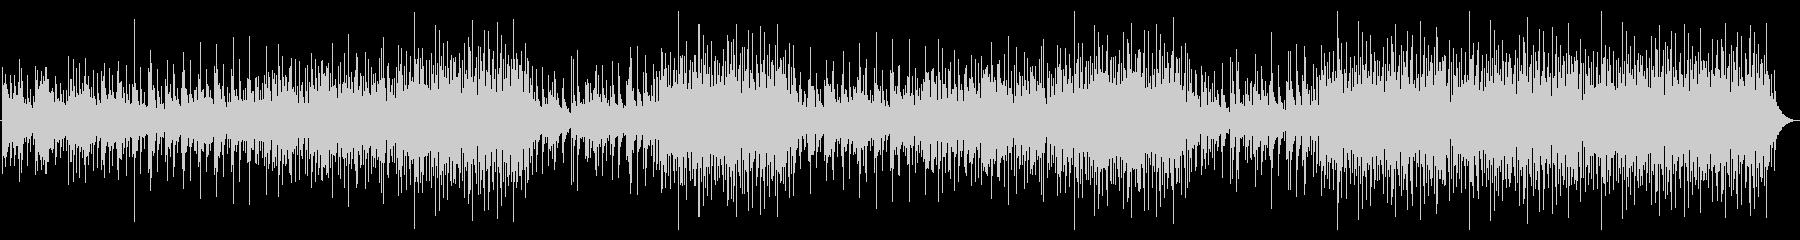 ピアノ、マンドリン、アコースティッ...の未再生の波形